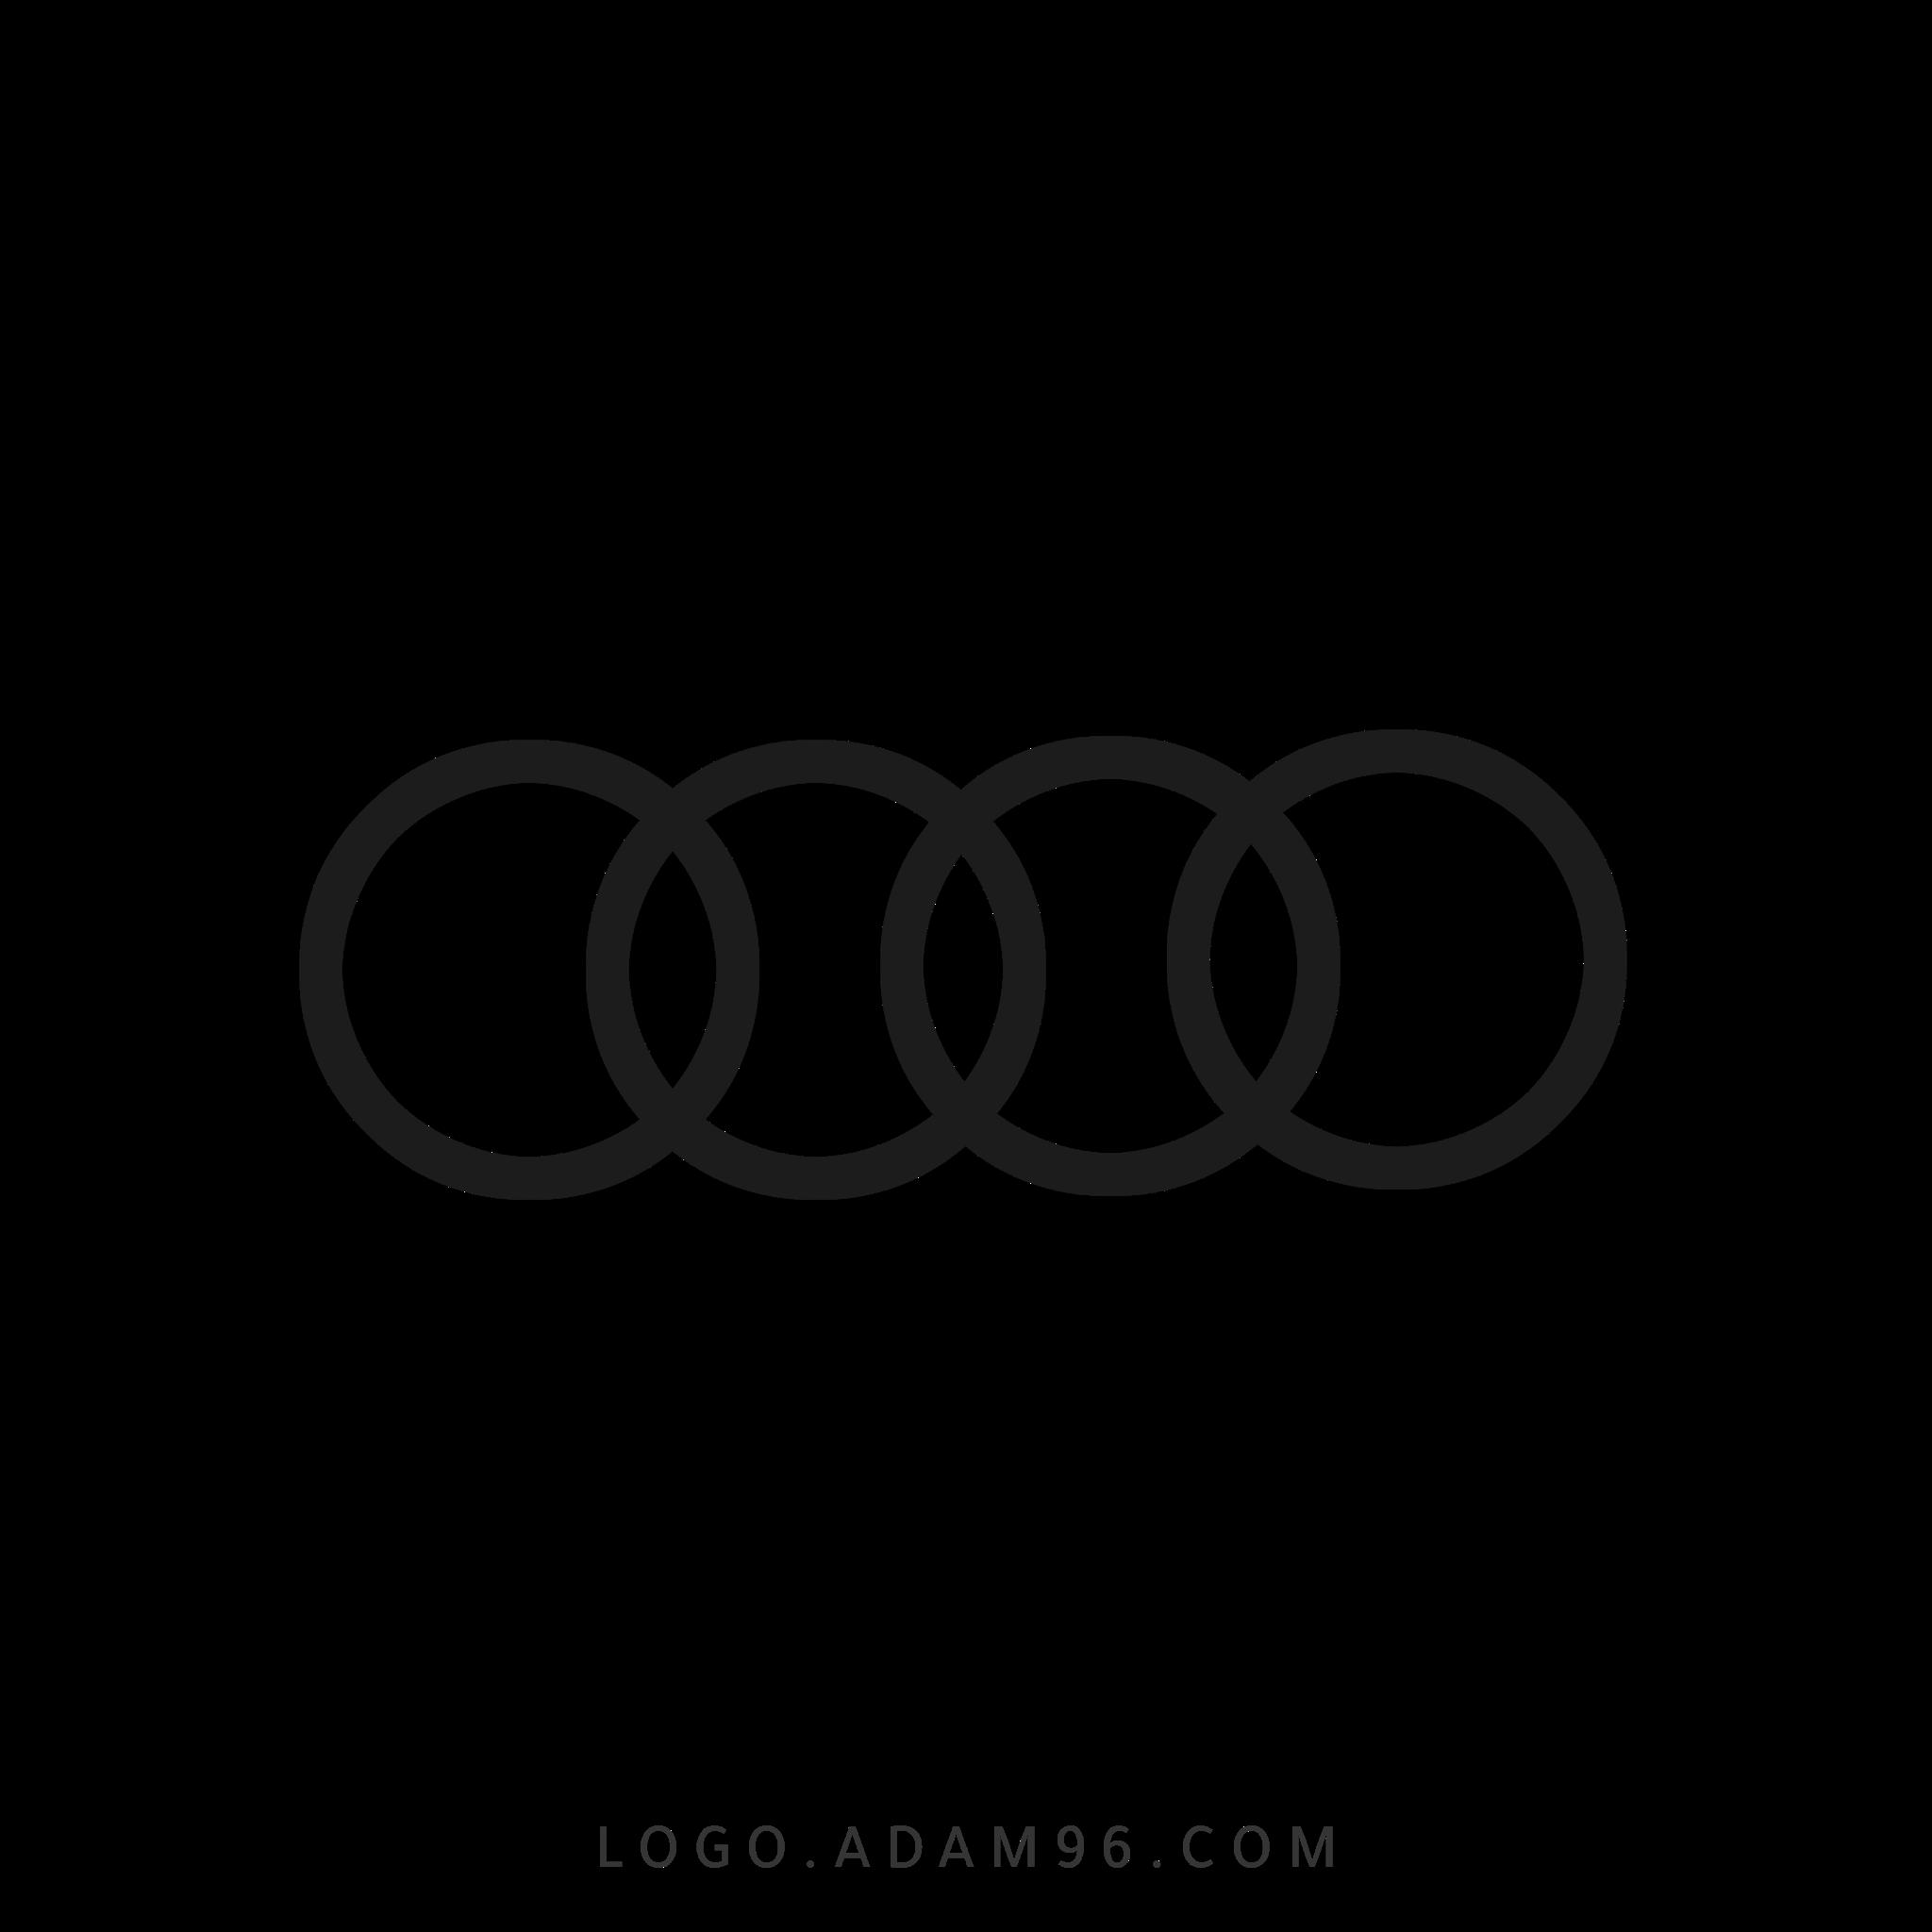 تحميل شعار شركة اودي لوجو شركة تصنيع السيارات اودي Logo Audi PNG